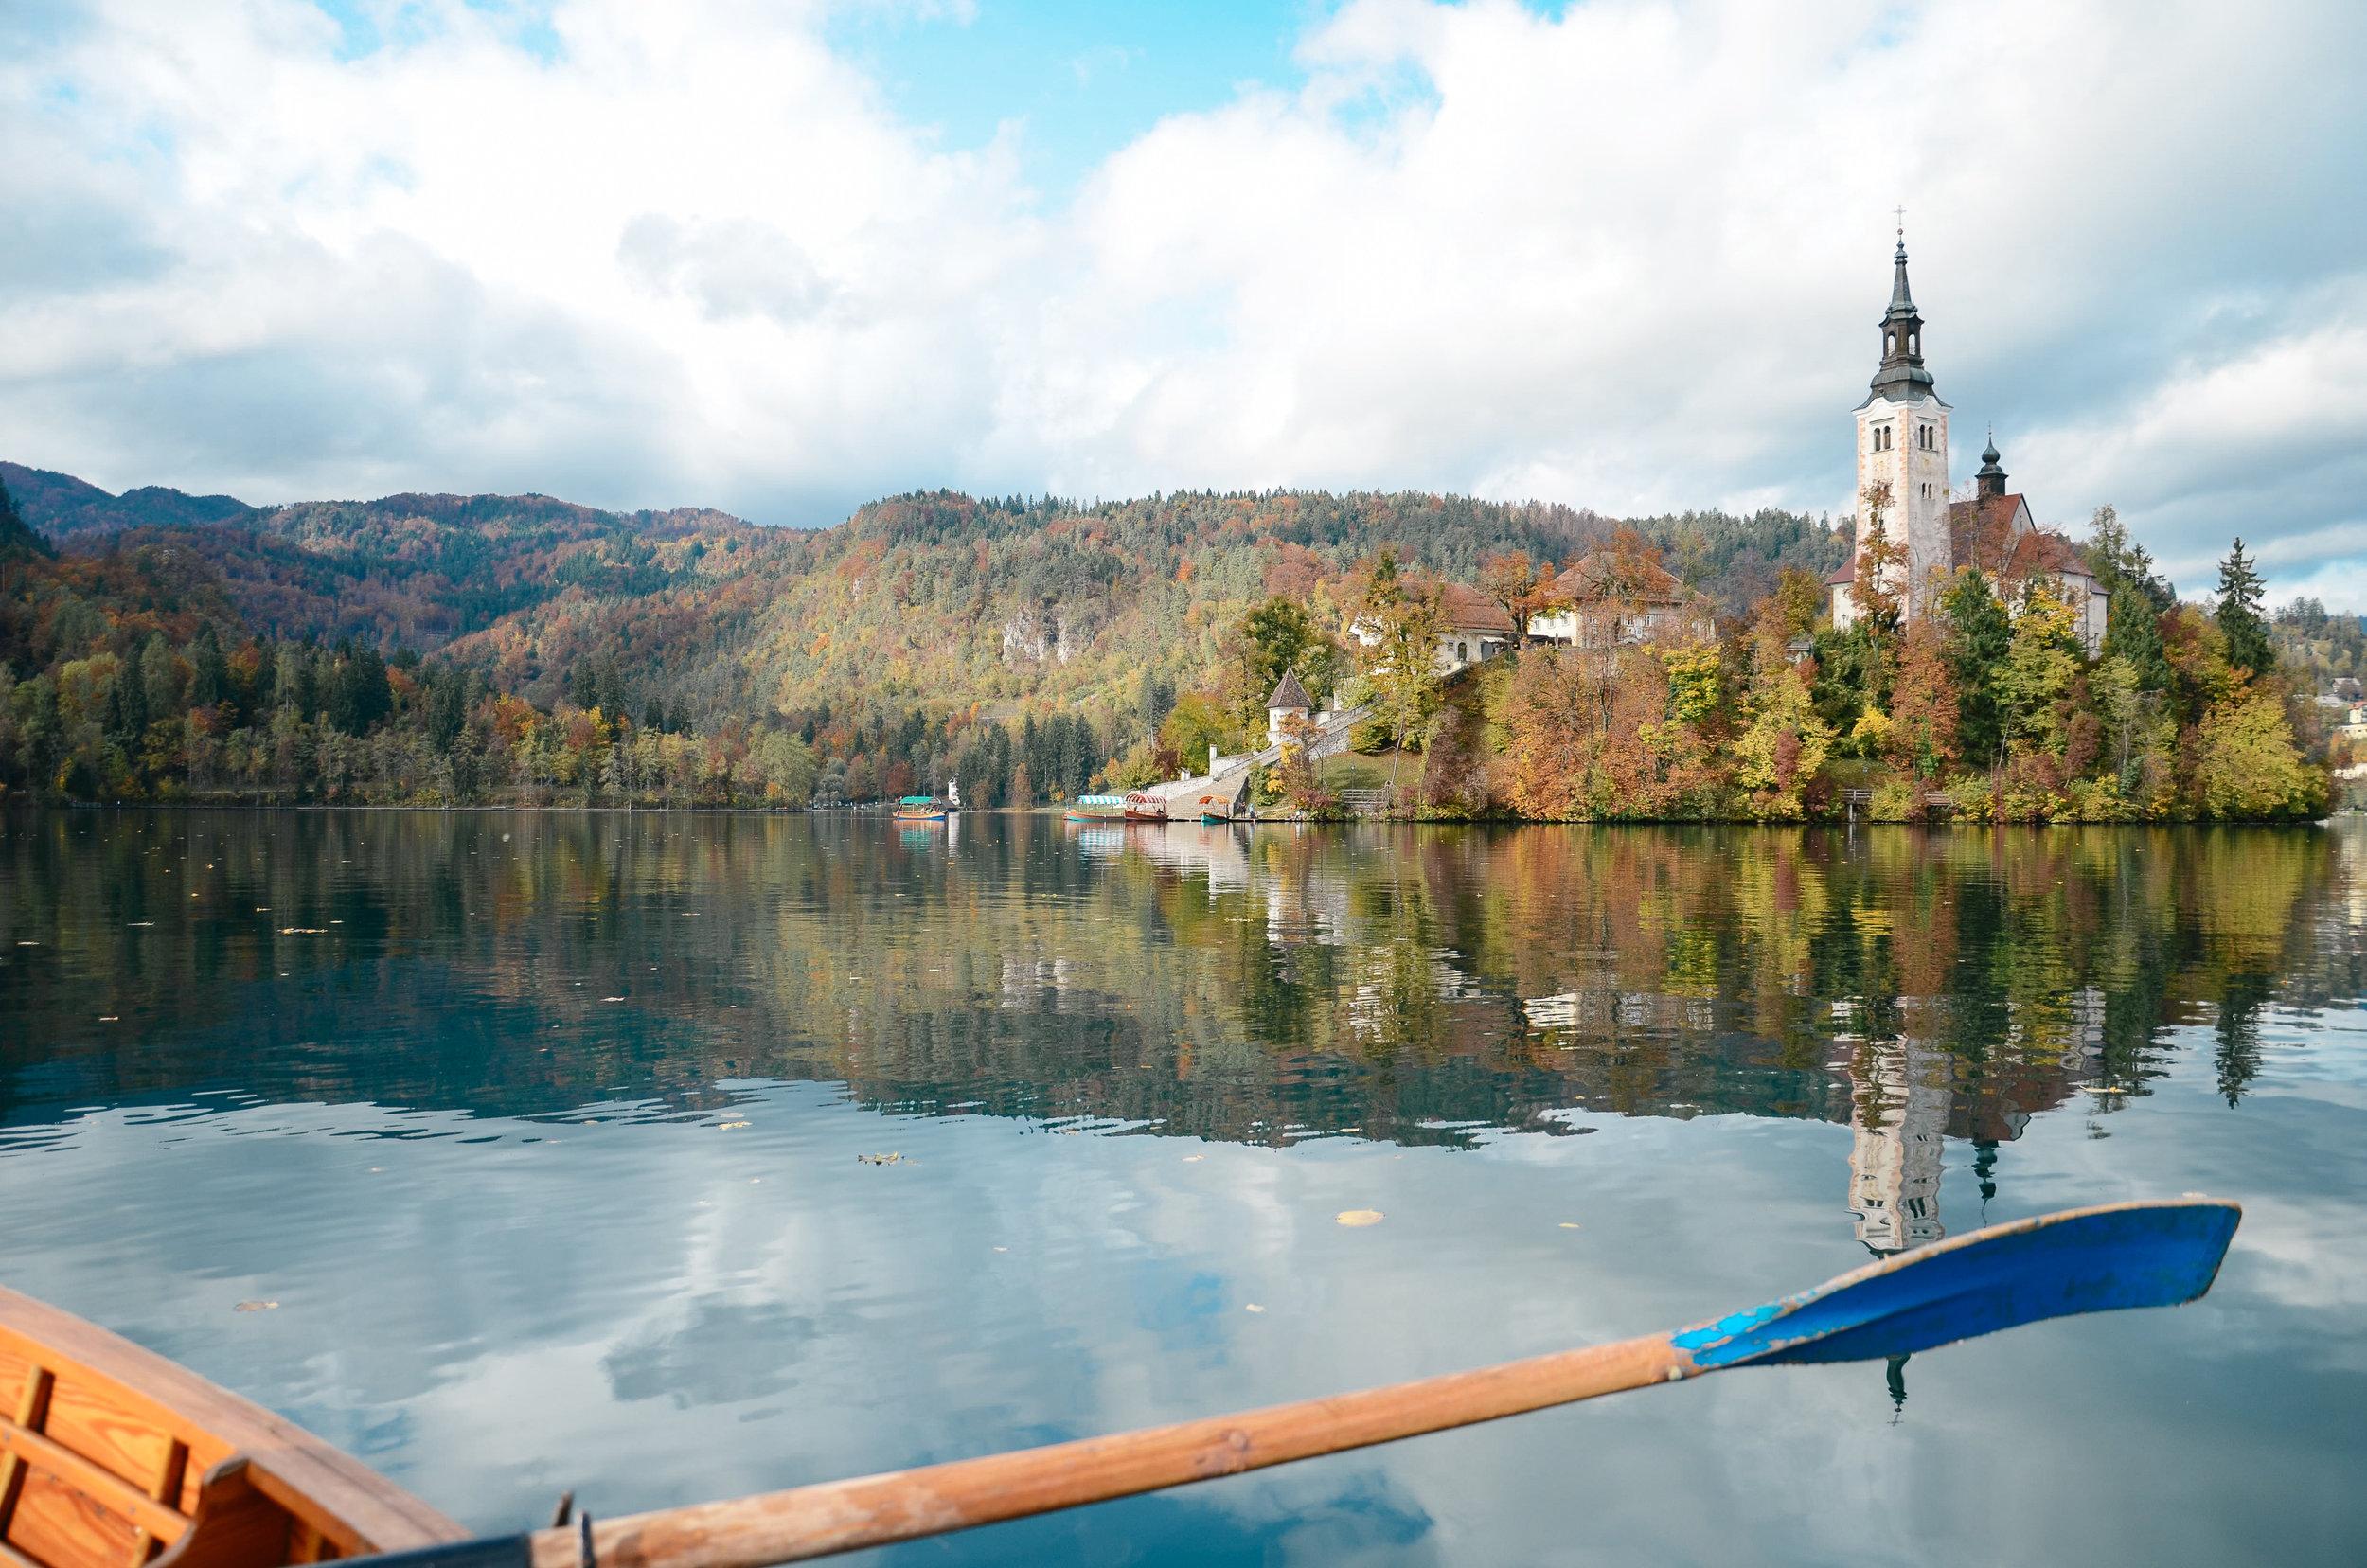 lake-bled-slovenia-travel-guide-lifeonpine_DSC_1690.jpg